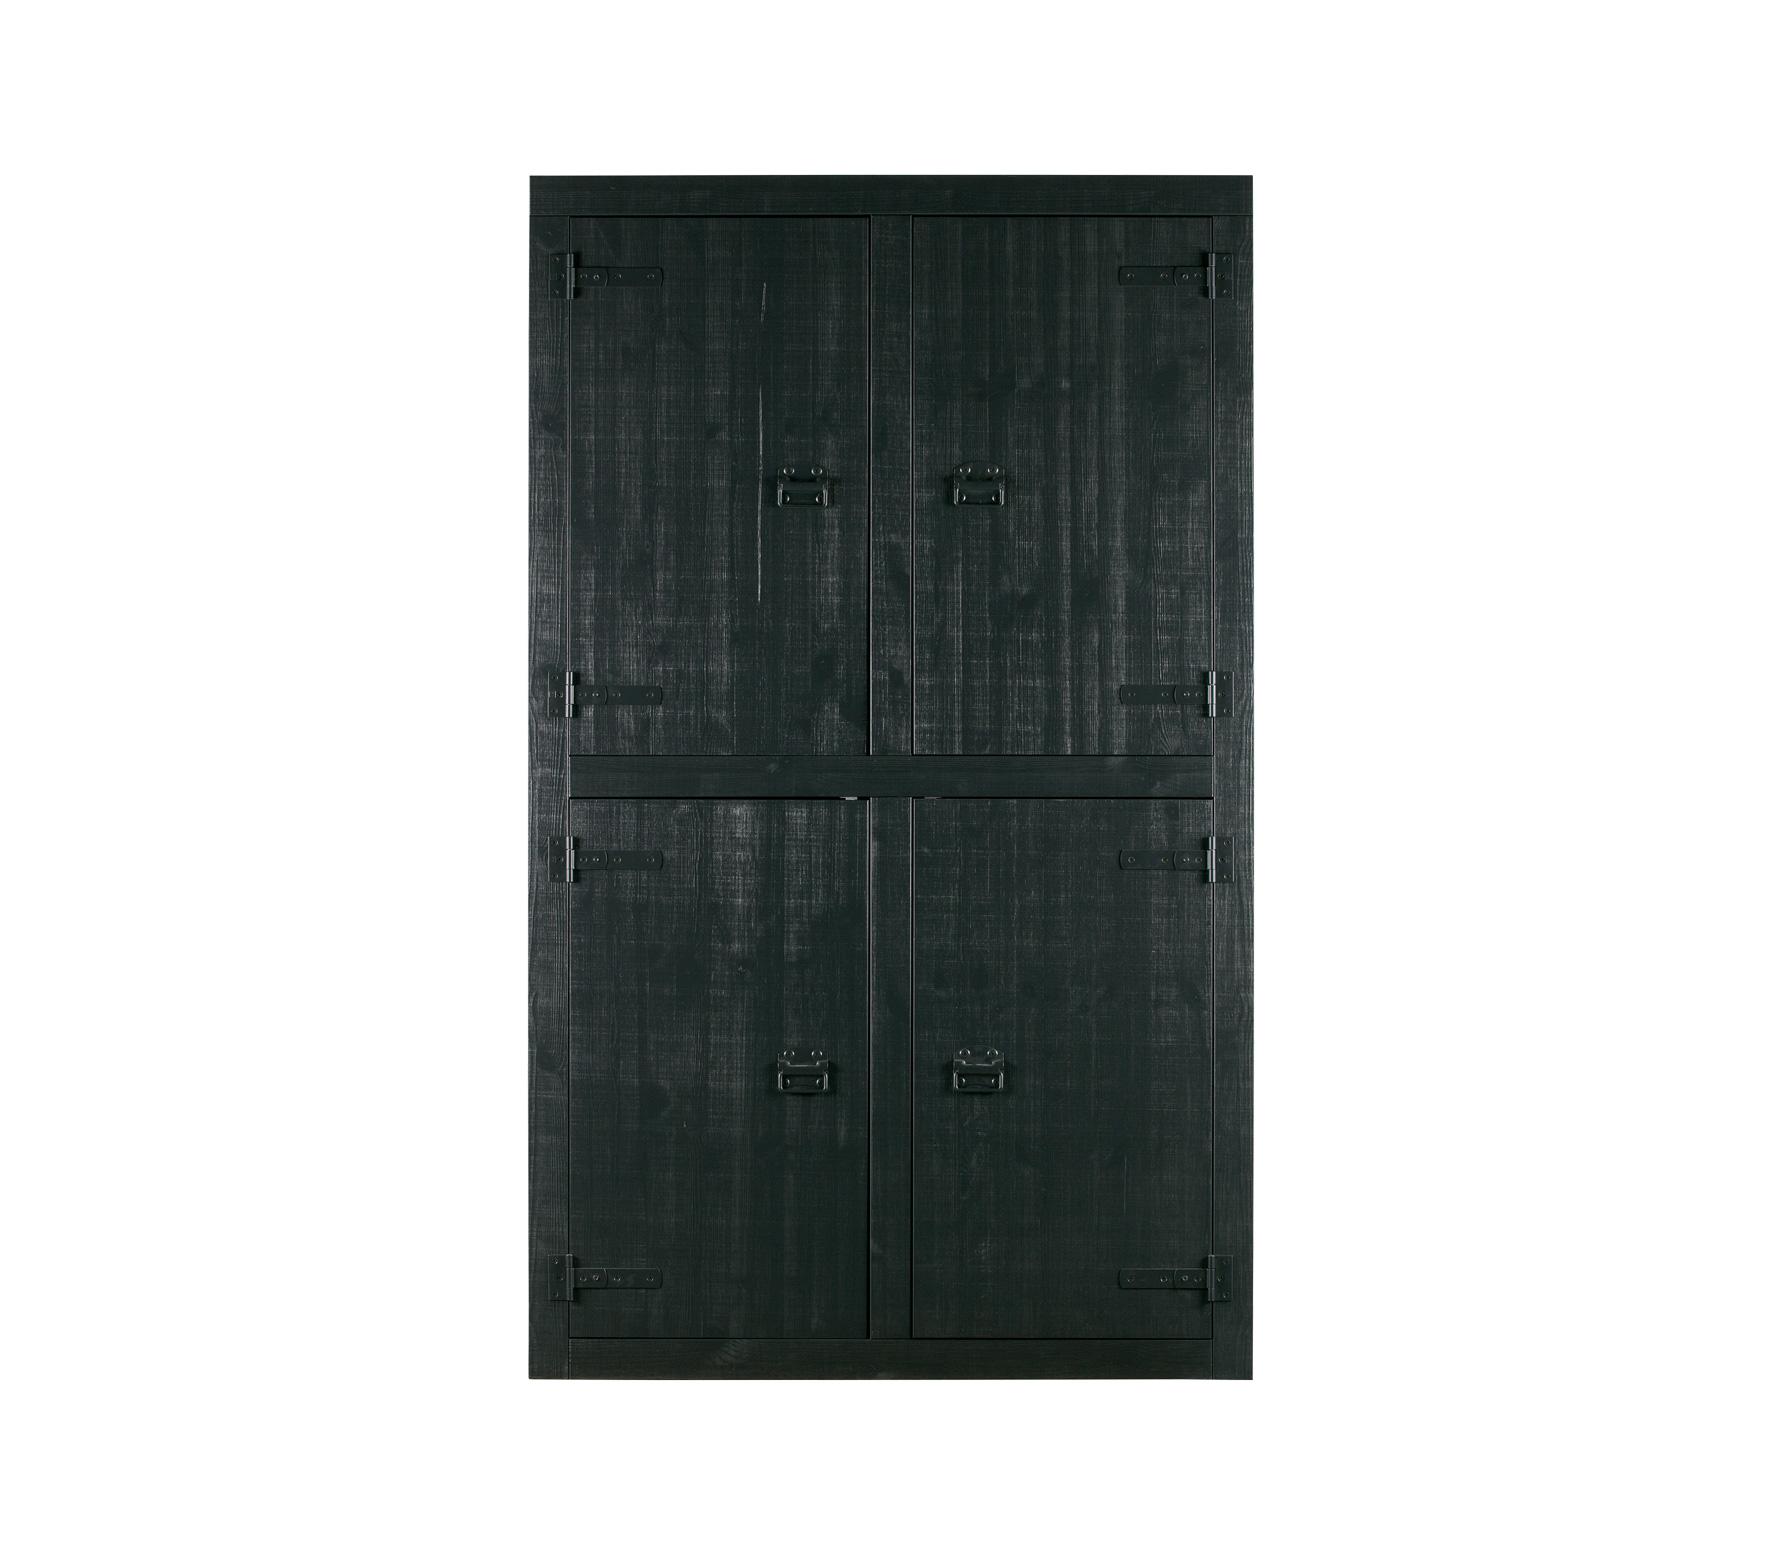 vtwonen Bunk 4-deurs kast mat zwart bezaagd grenen